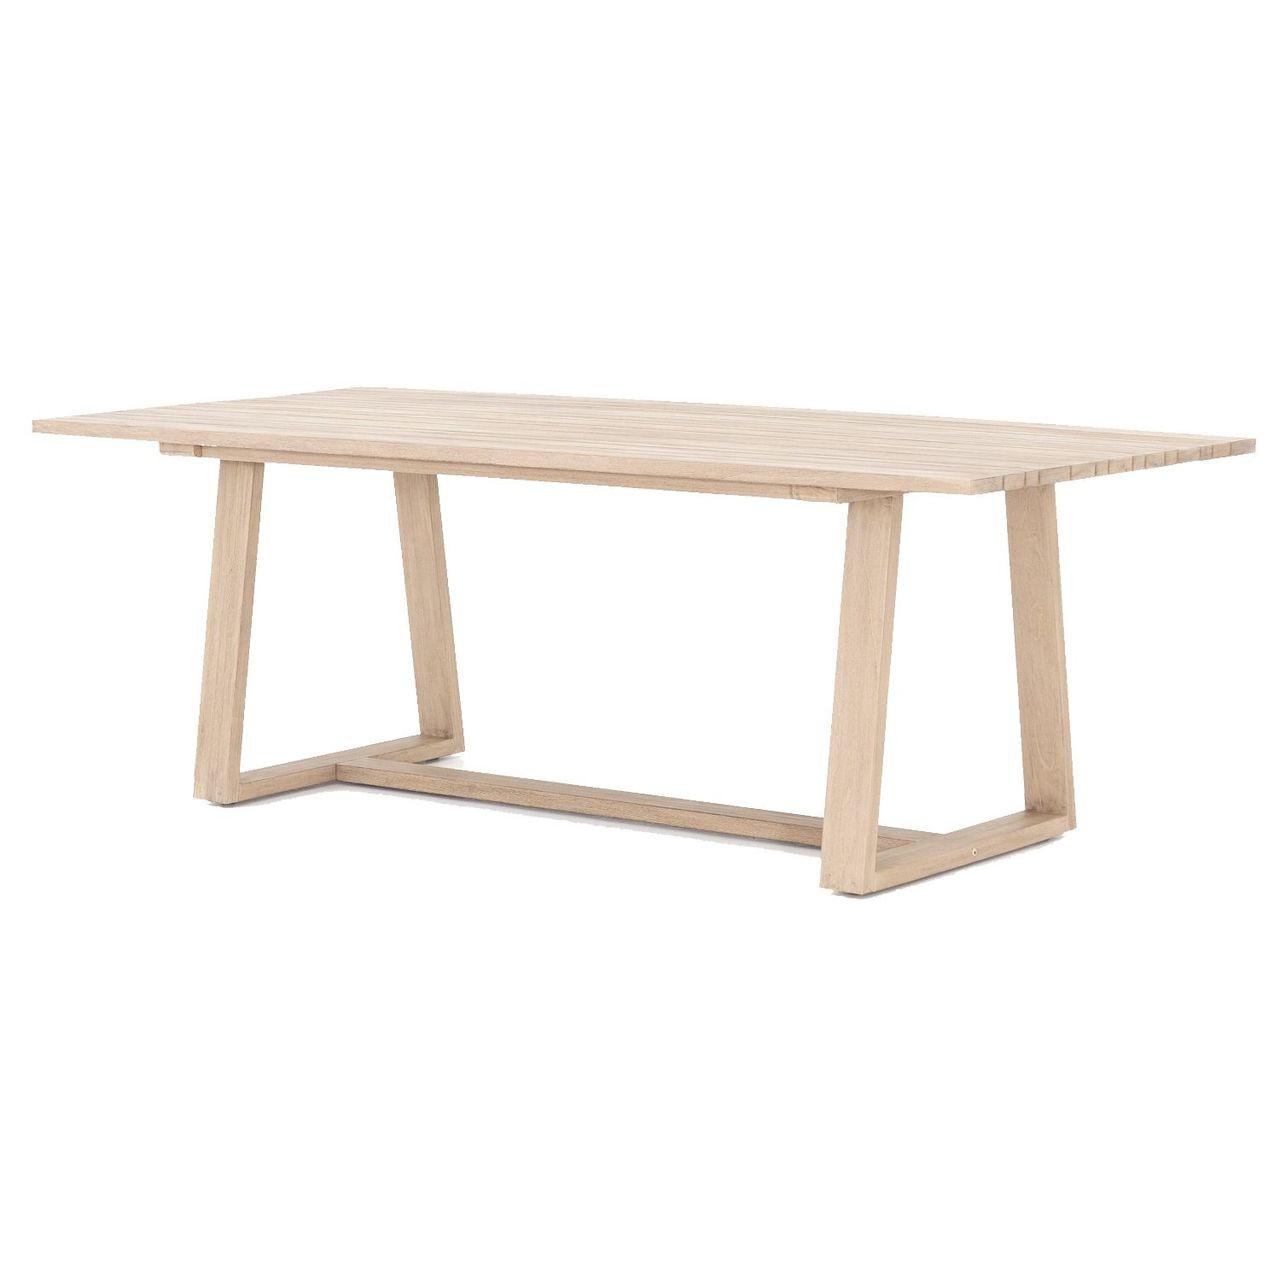 atherton brown teak outdoor dining table 87 - Teak Outdoor Dining Table